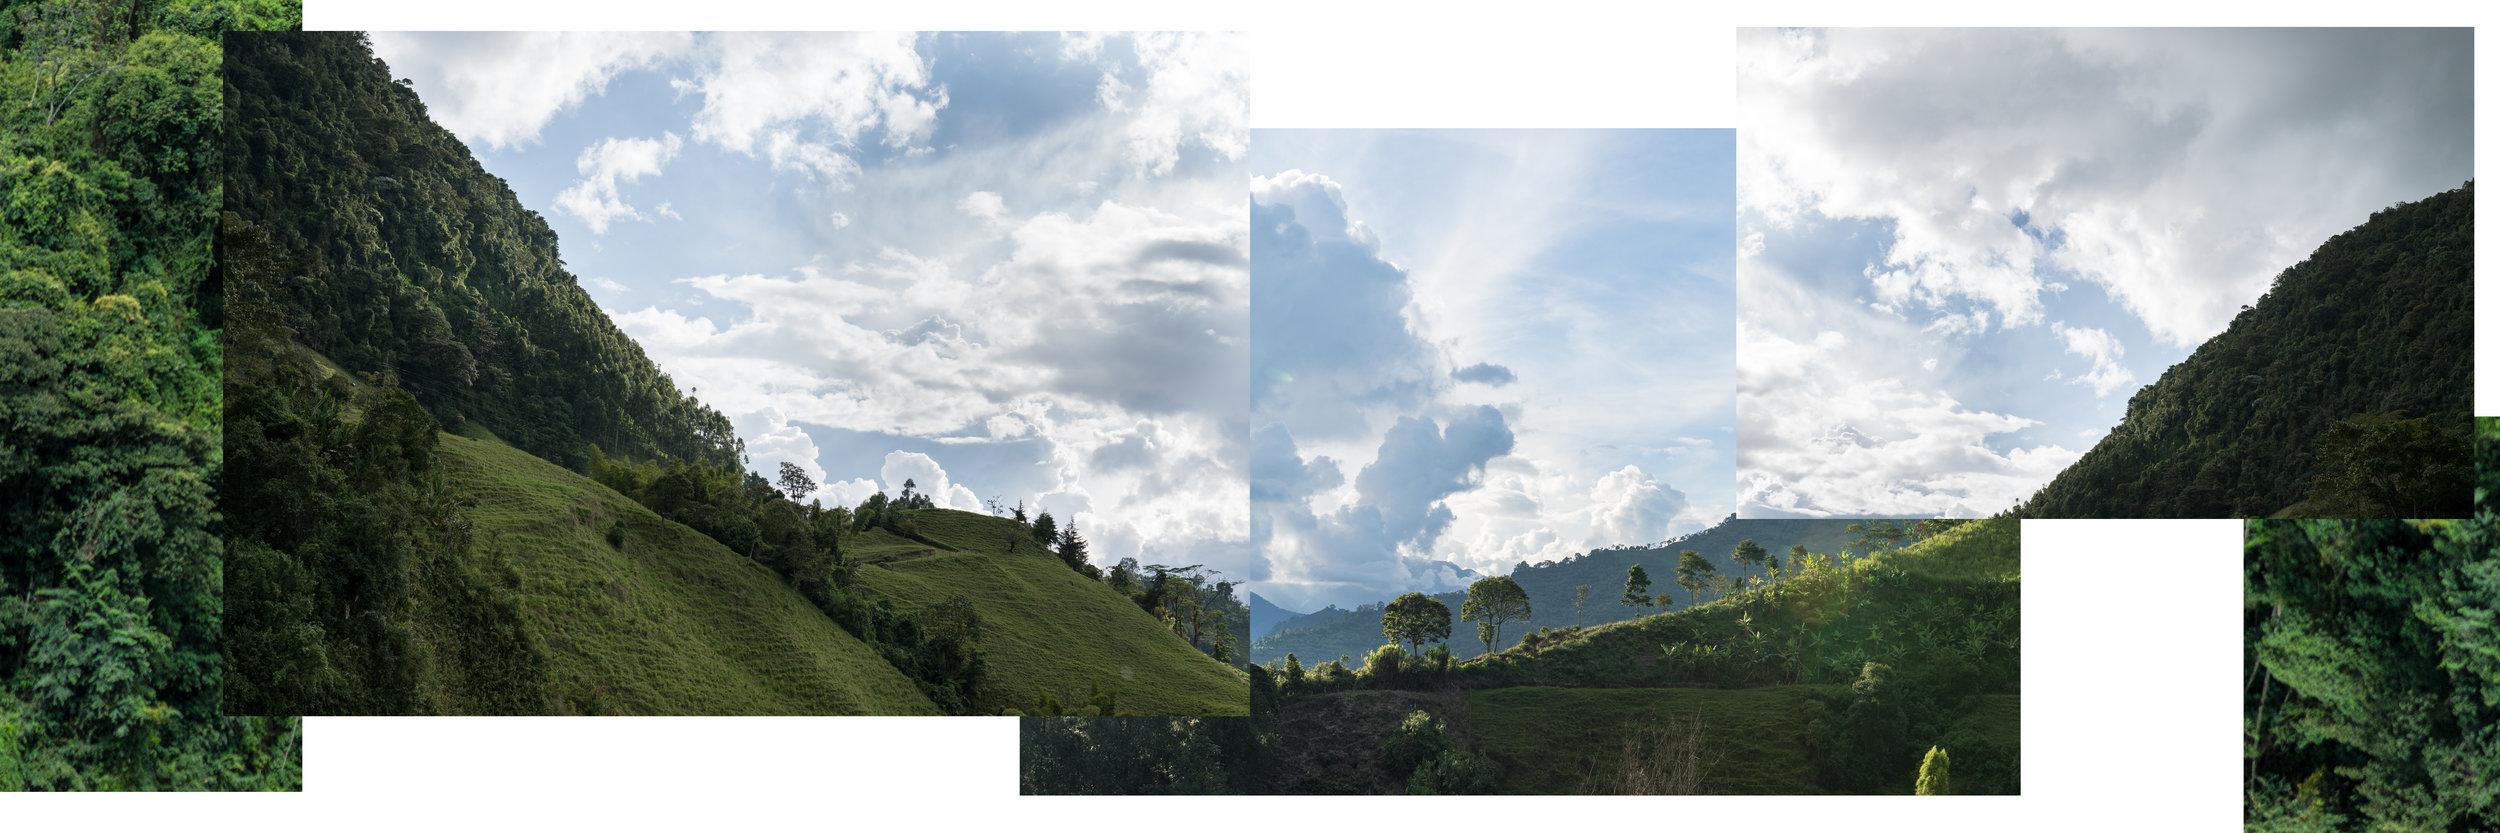 landscape_insta-2.jpg